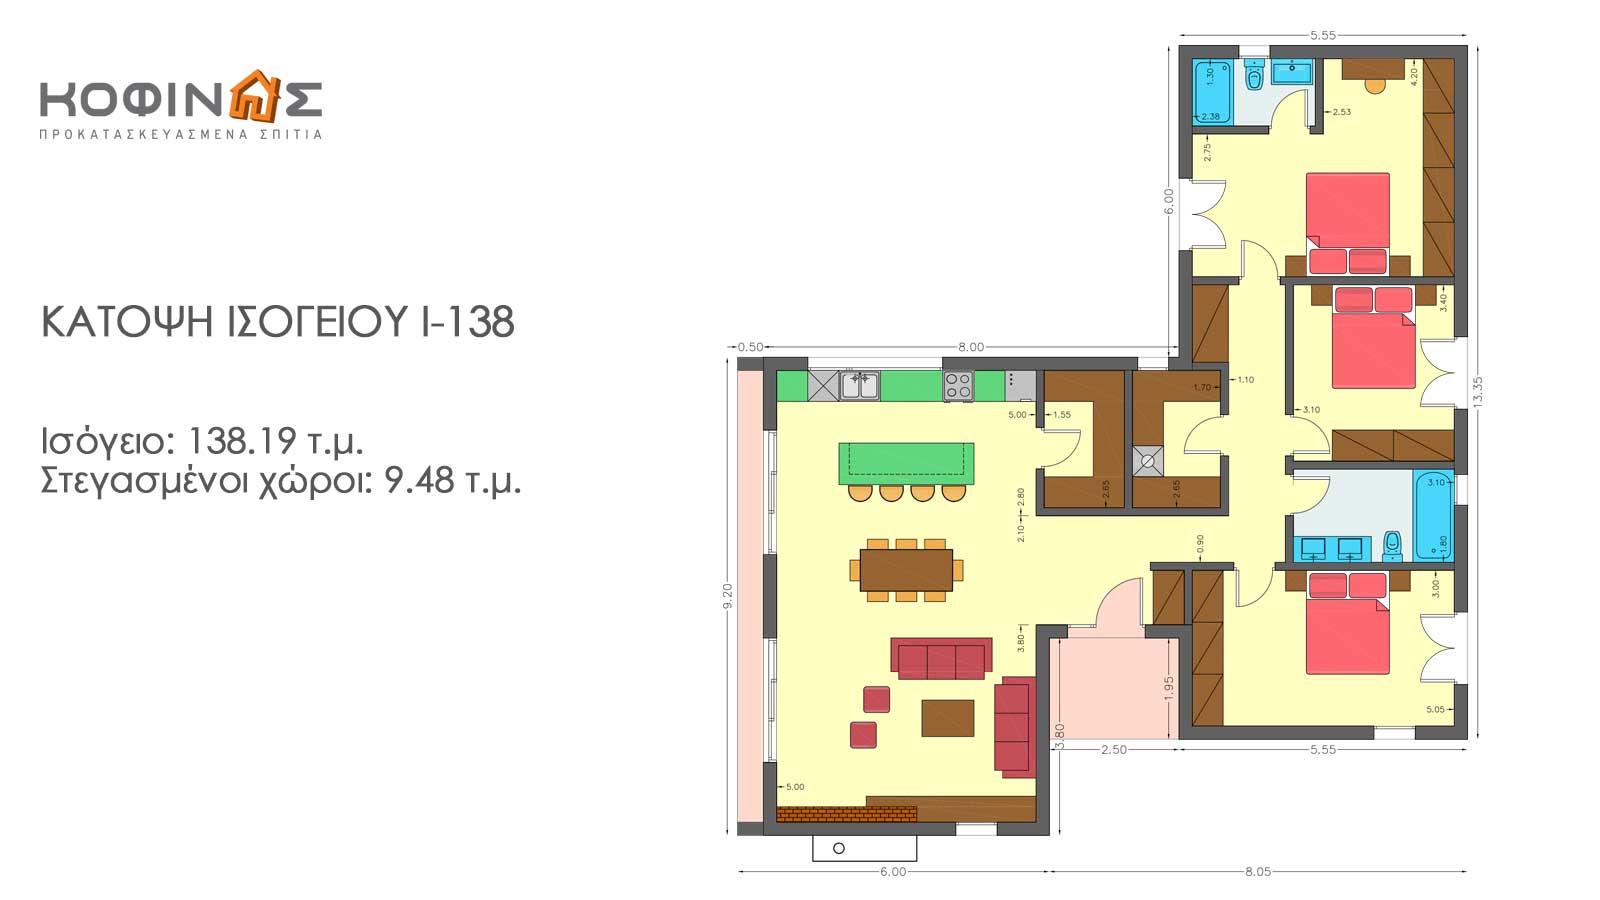 Ισόγεια Κατοικία I-138, συνολικής επιφάνειας 138,19 τ.μ.